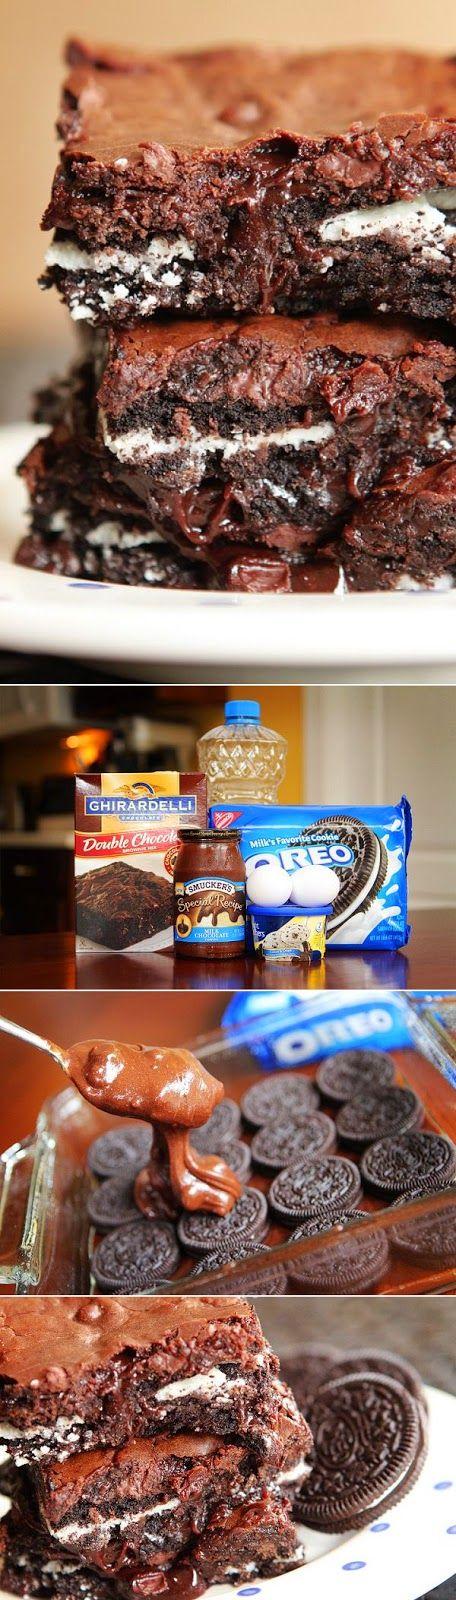 Cookies 'N Cream Oreo Fudge Brownies.